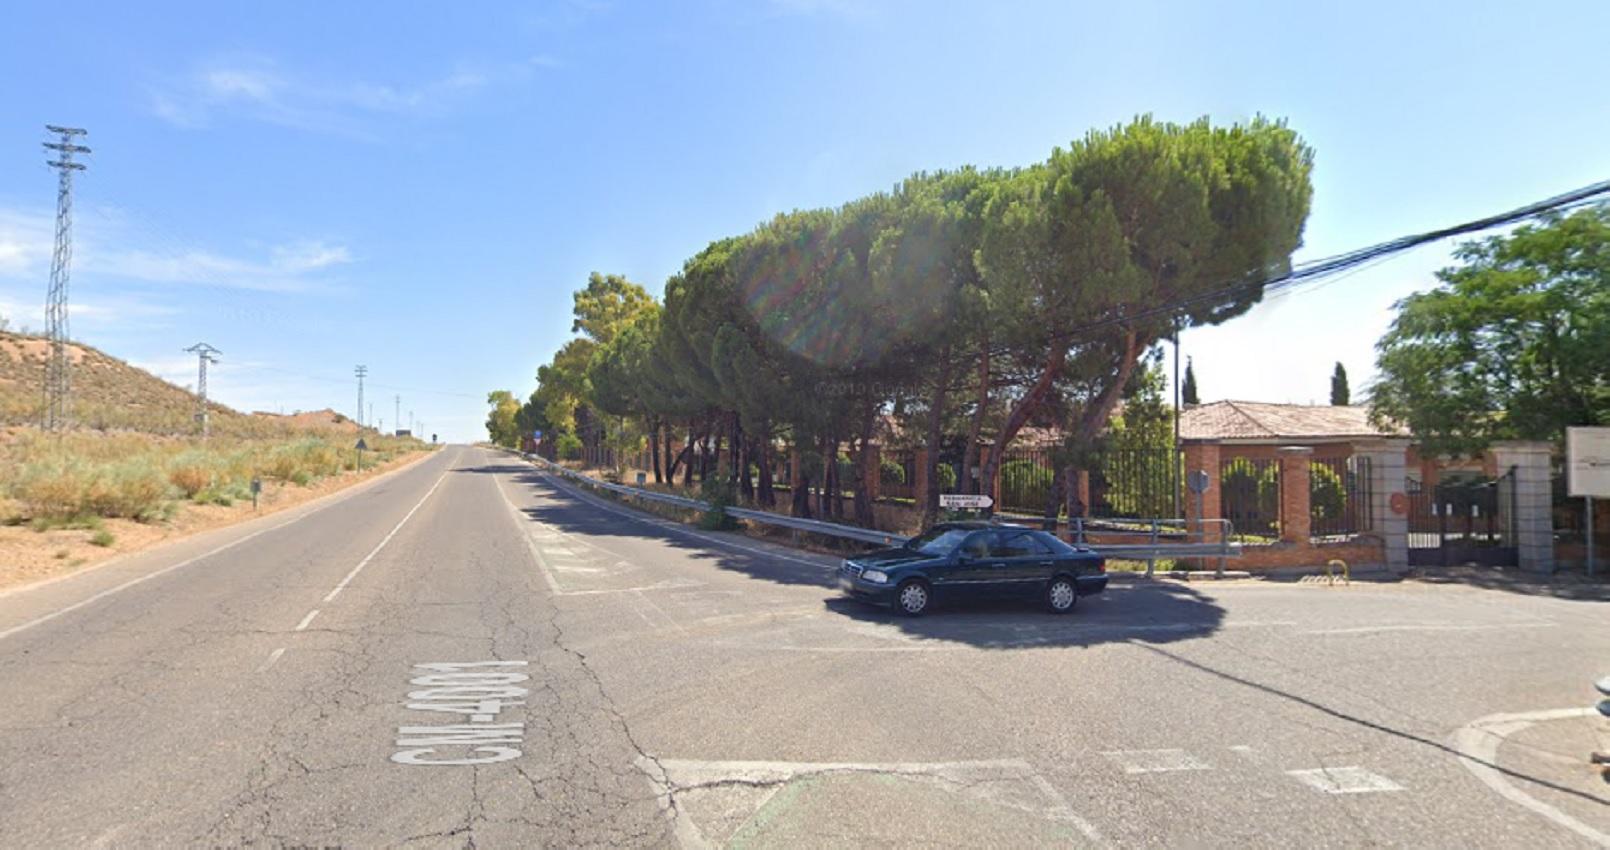 El cadáver ha aparecido en una cuneta de la carretera del barrio de Azucaica, en las proximidades de la Residencia Social Asistida San José.